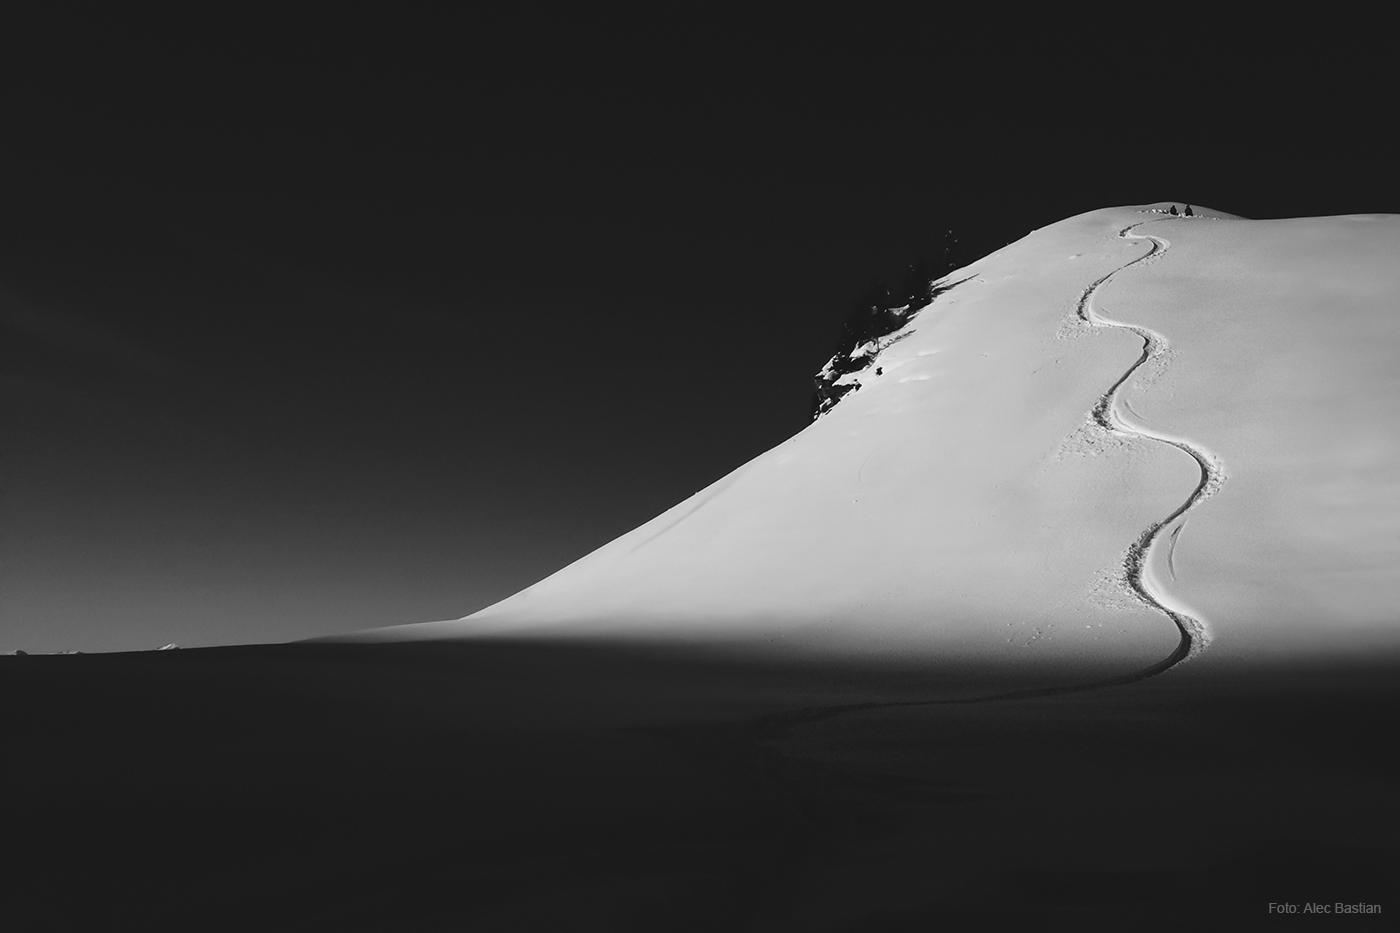 EINSAM Die Spur eines Skifahrers im Tiefschnee.